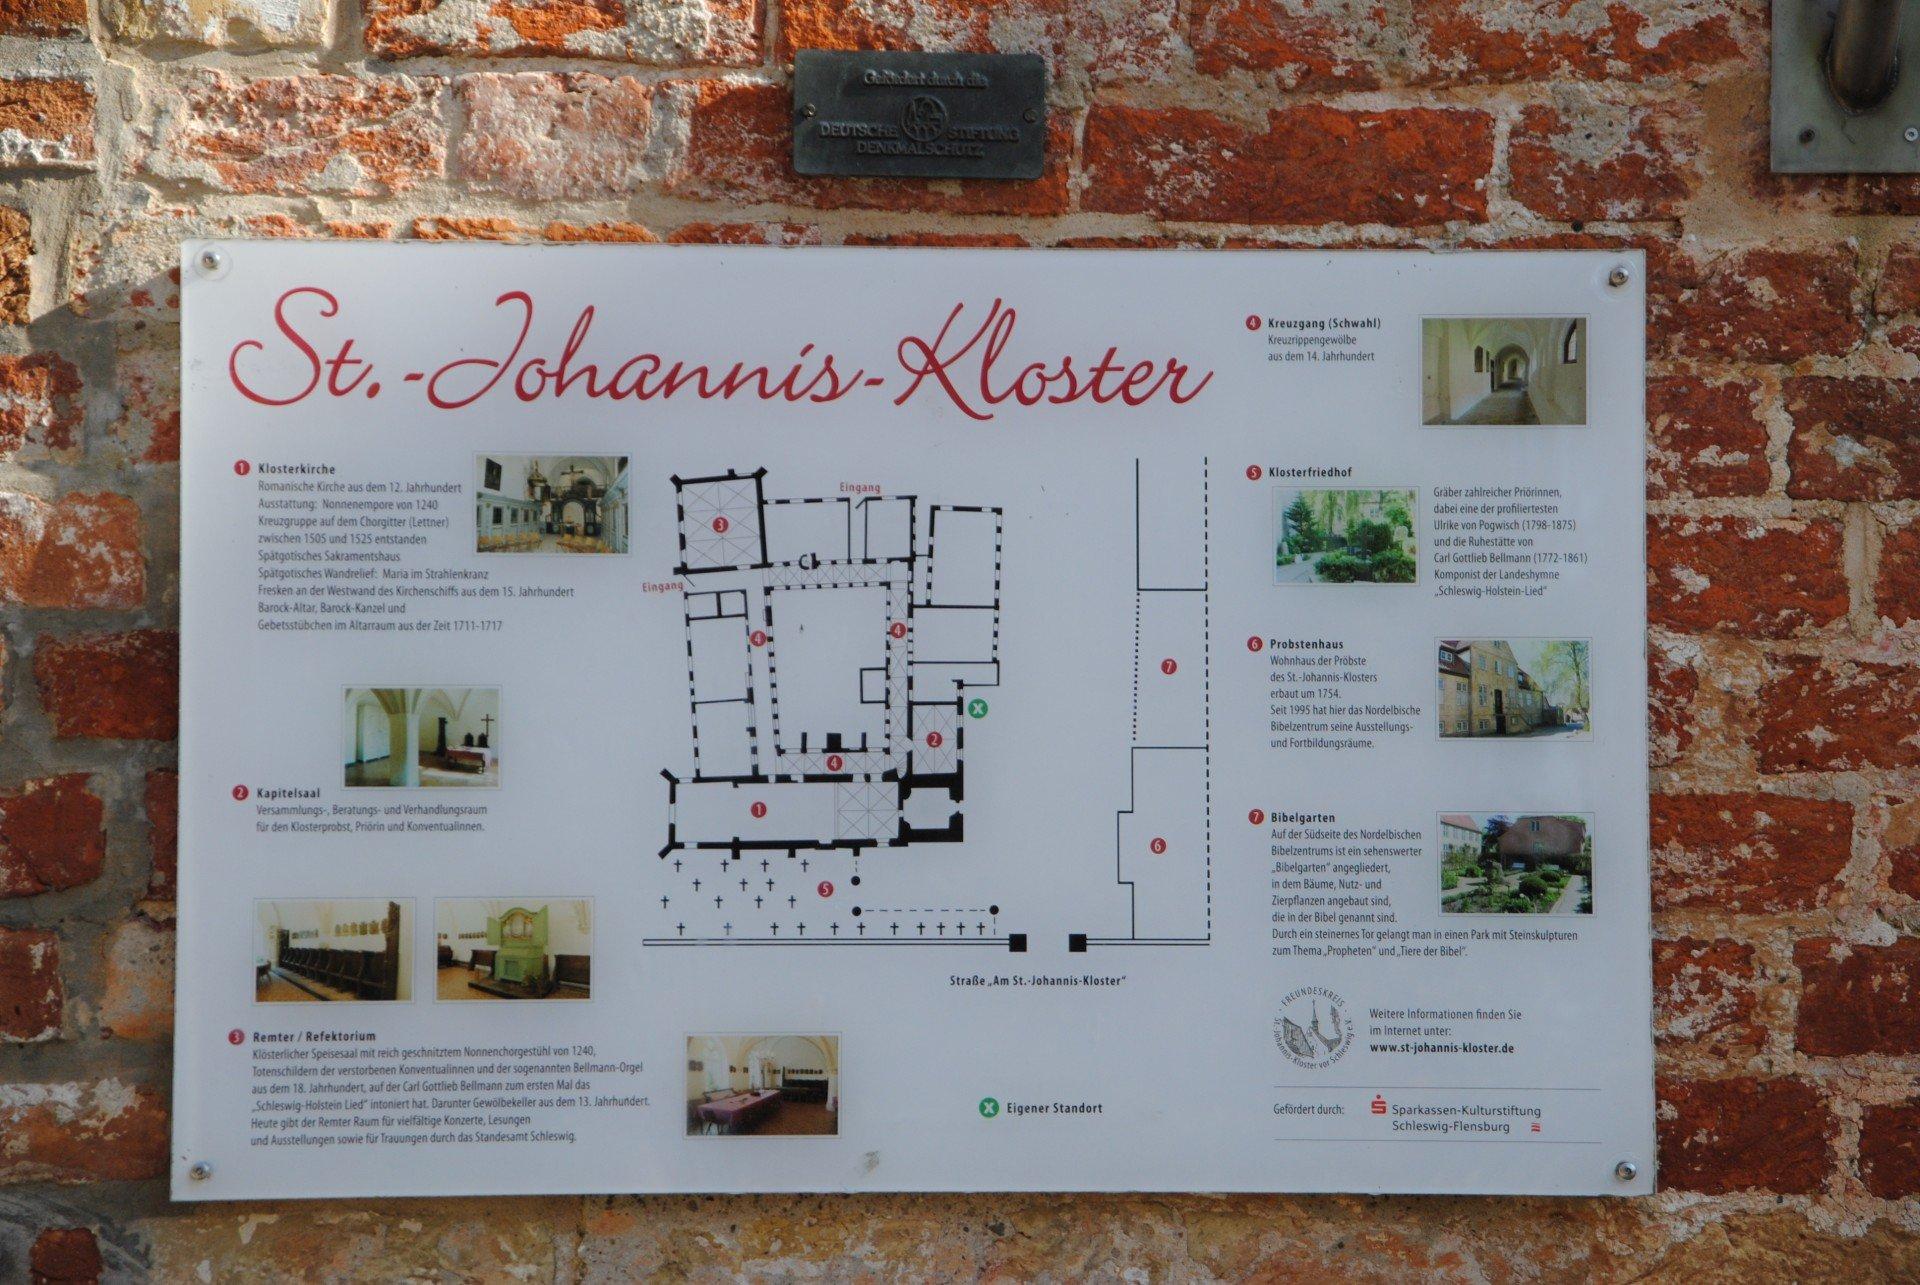 Tafel zum Johannis-Kloster in Schleswig